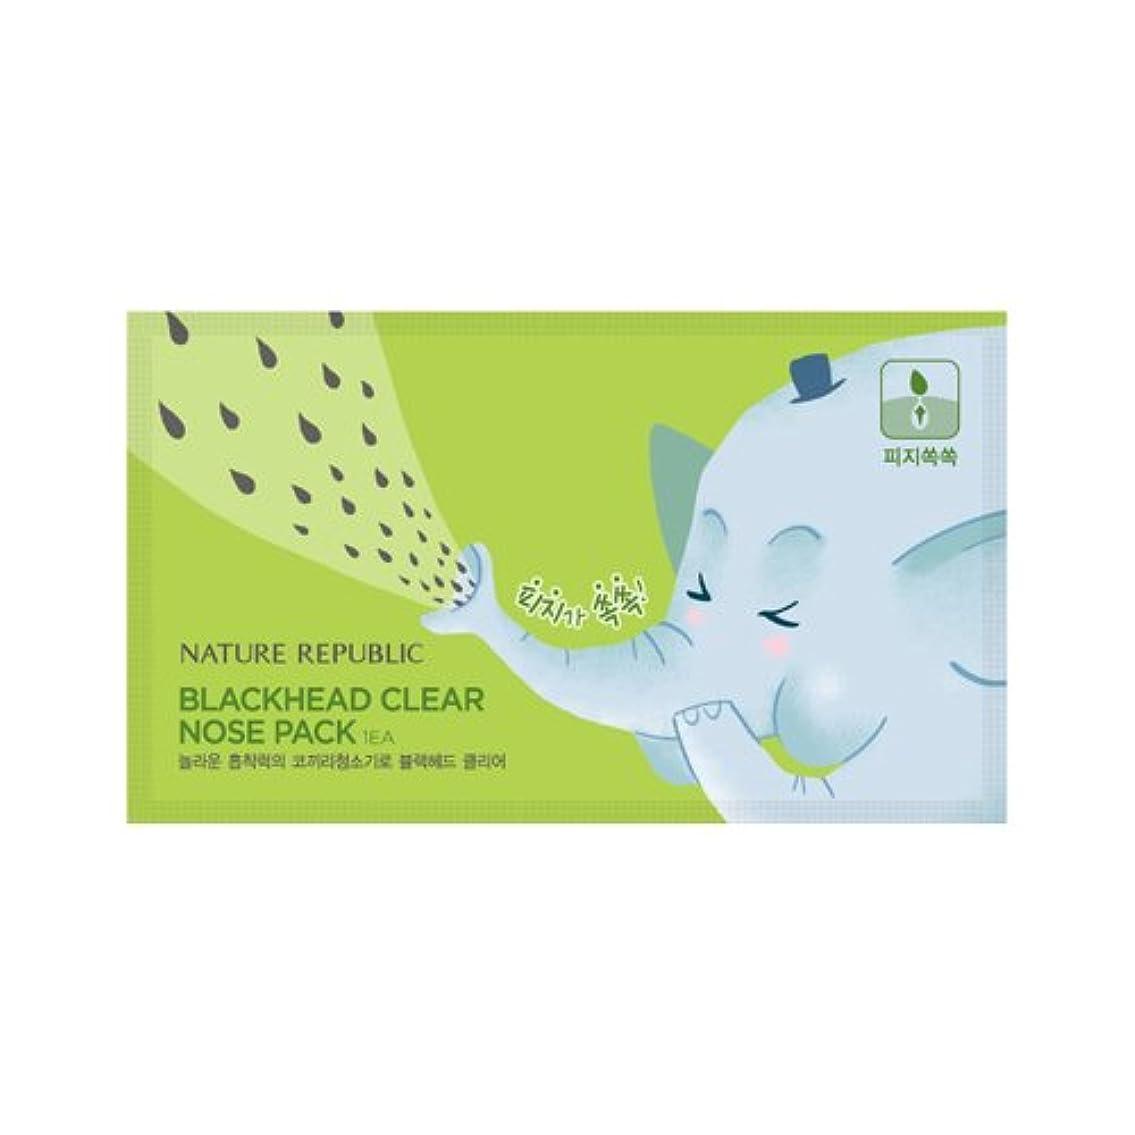 闘争近似体操Nature Republic Black Head Clear Nose Pack [5ea] ネーチャーリパブリック ブラックヘッドクリア 鼻パック [5枚] [並行輸入品]